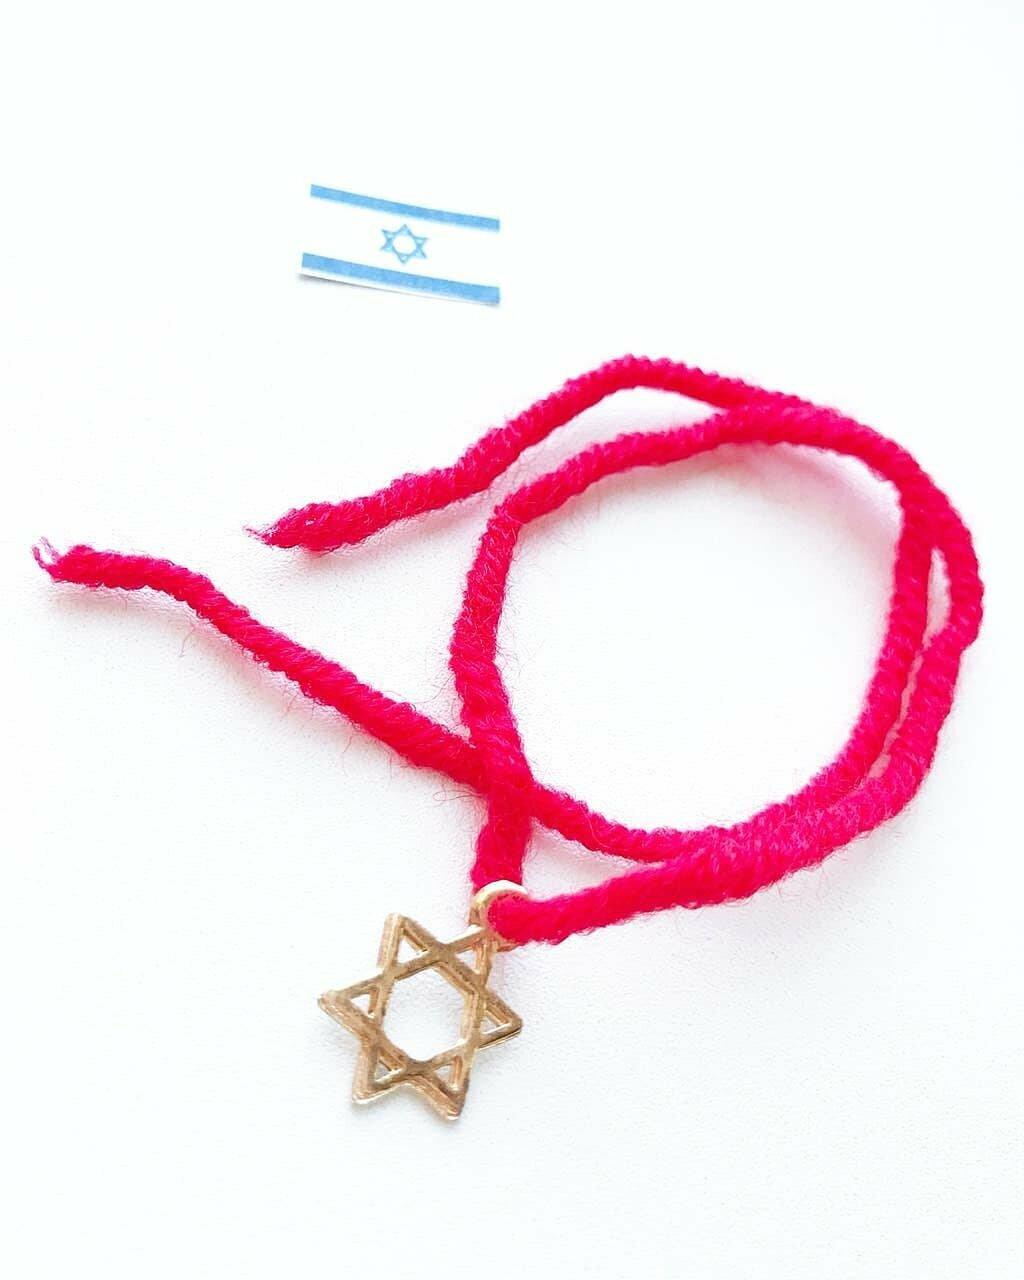 Красная нить от сглаза из Иерусалима в Керчи